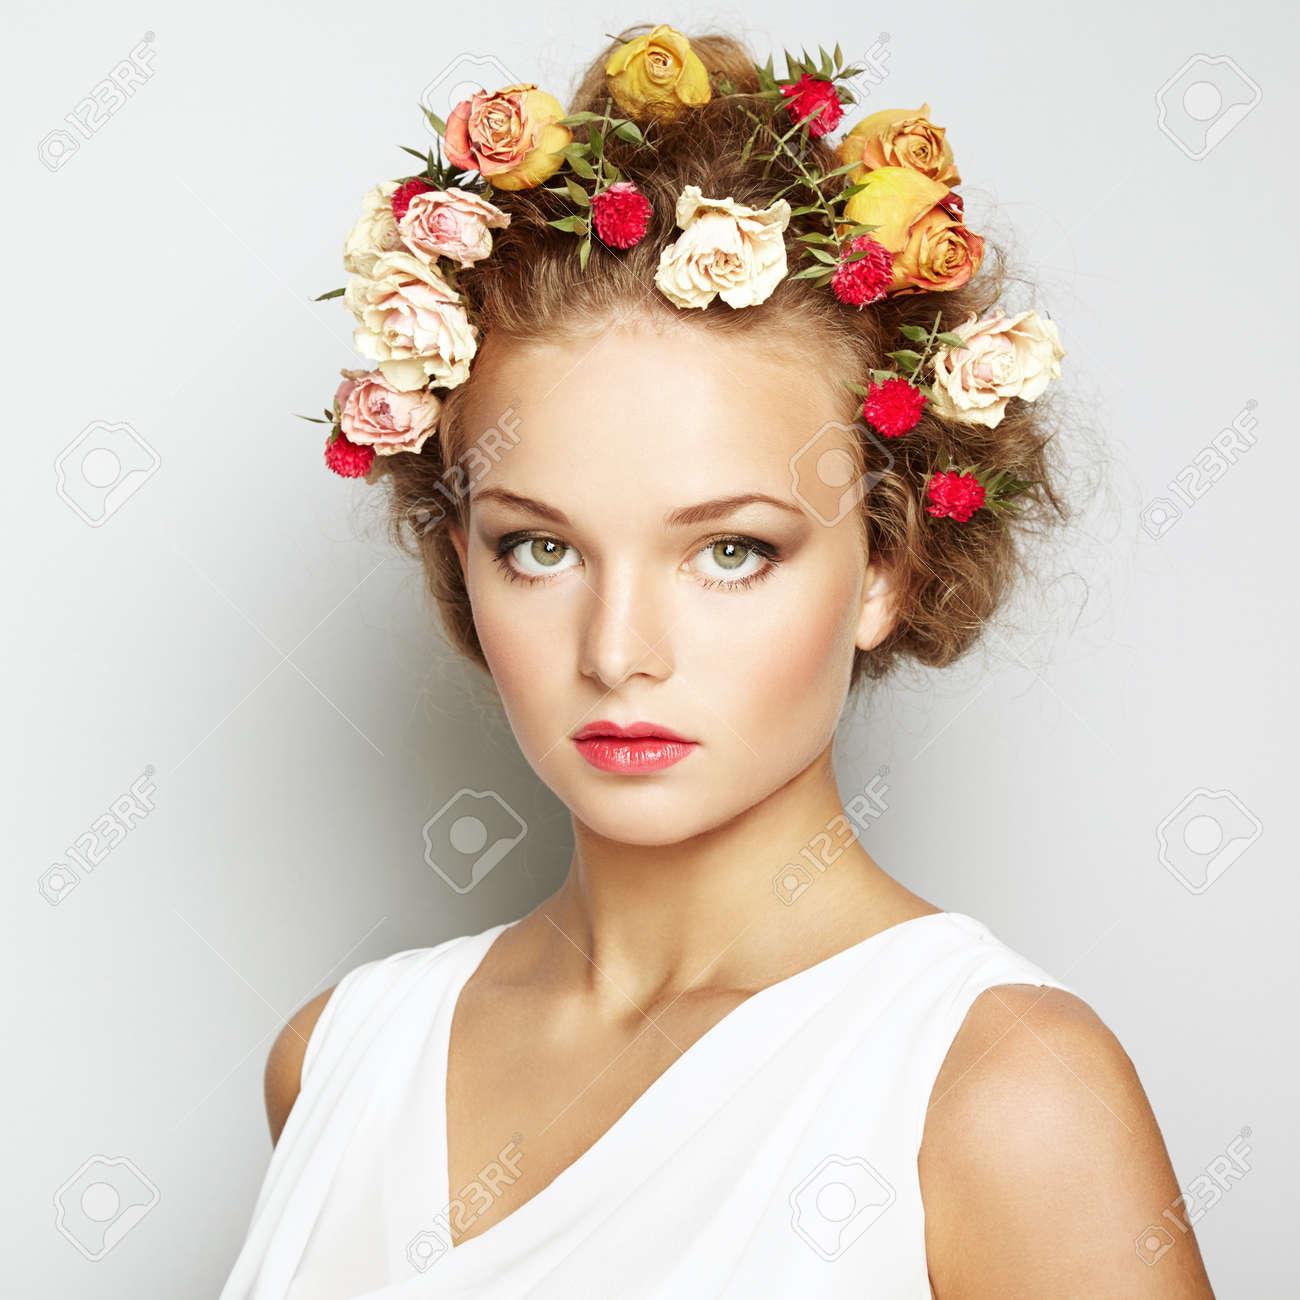 Прически для лица цветы